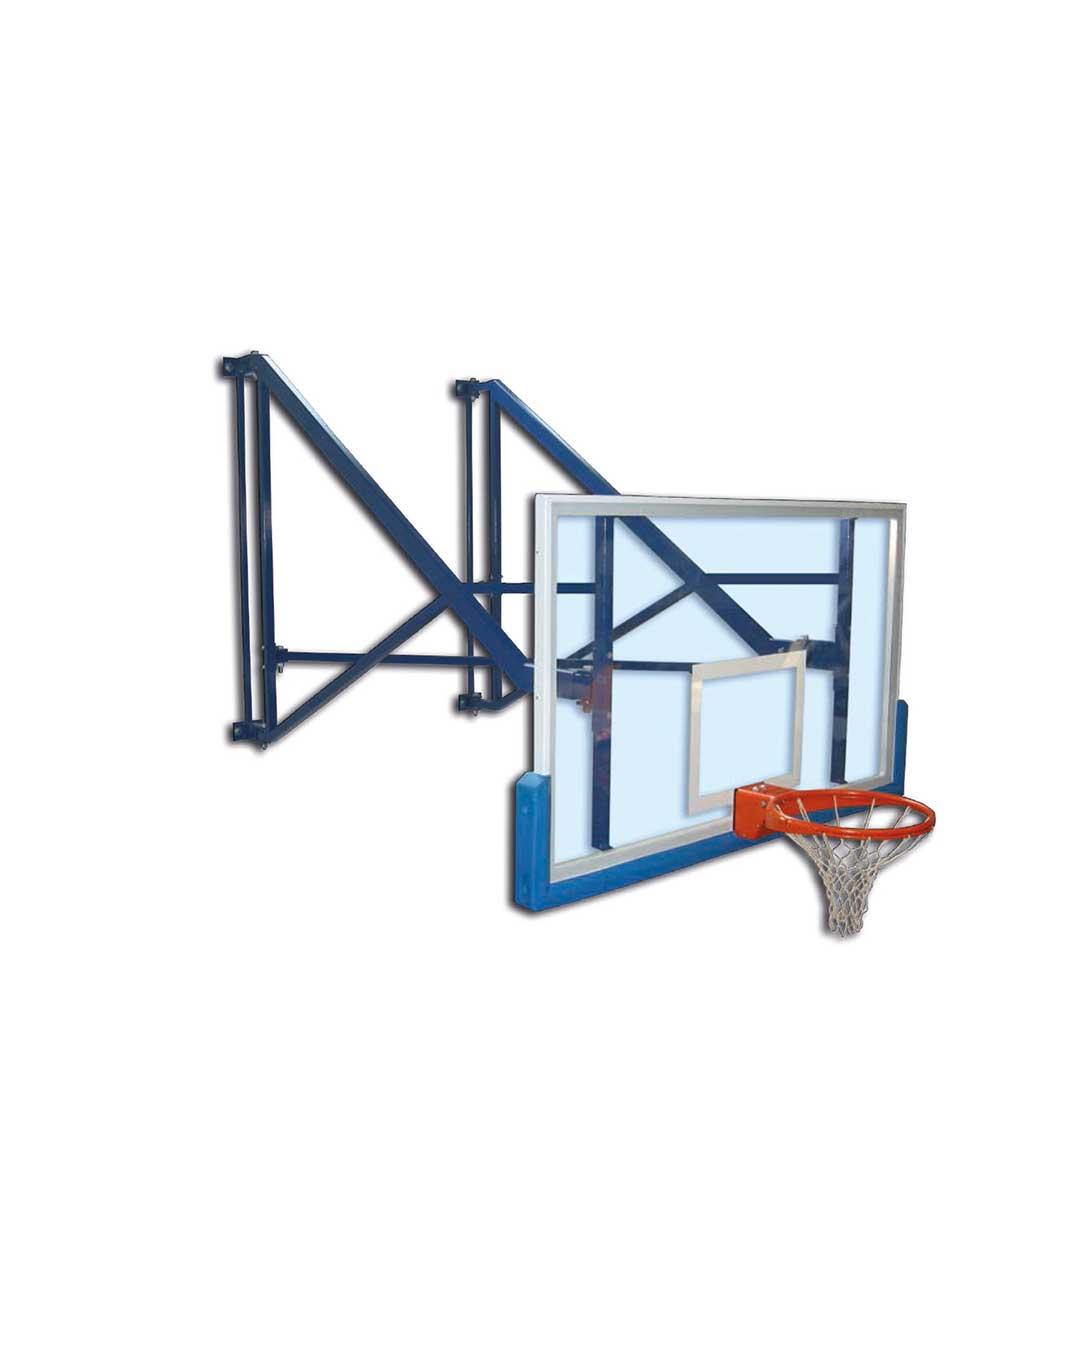 Tablero de Básquetbol indoor S04060 desplazamiento lateral y  empotrado al muro